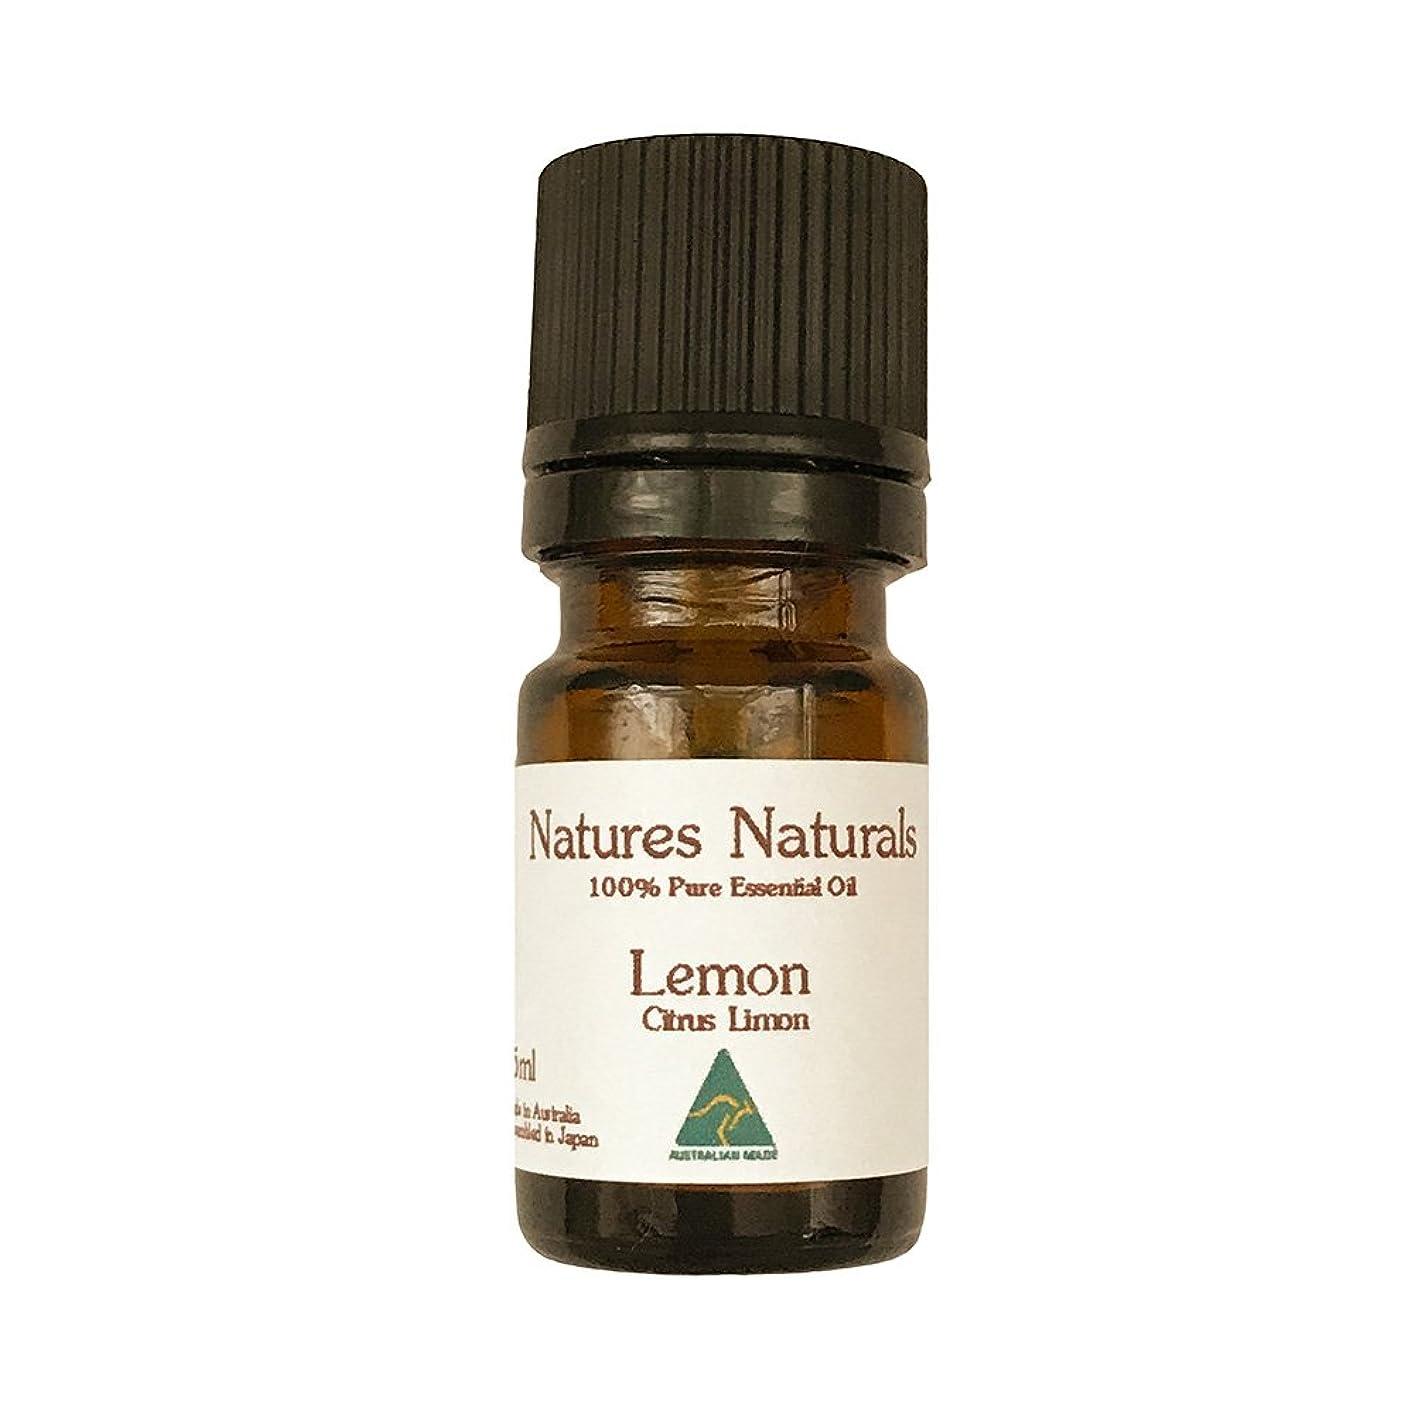 快適ジェーンオースティン資産レモン エッセンシャルオイル 100% 精油 5ml